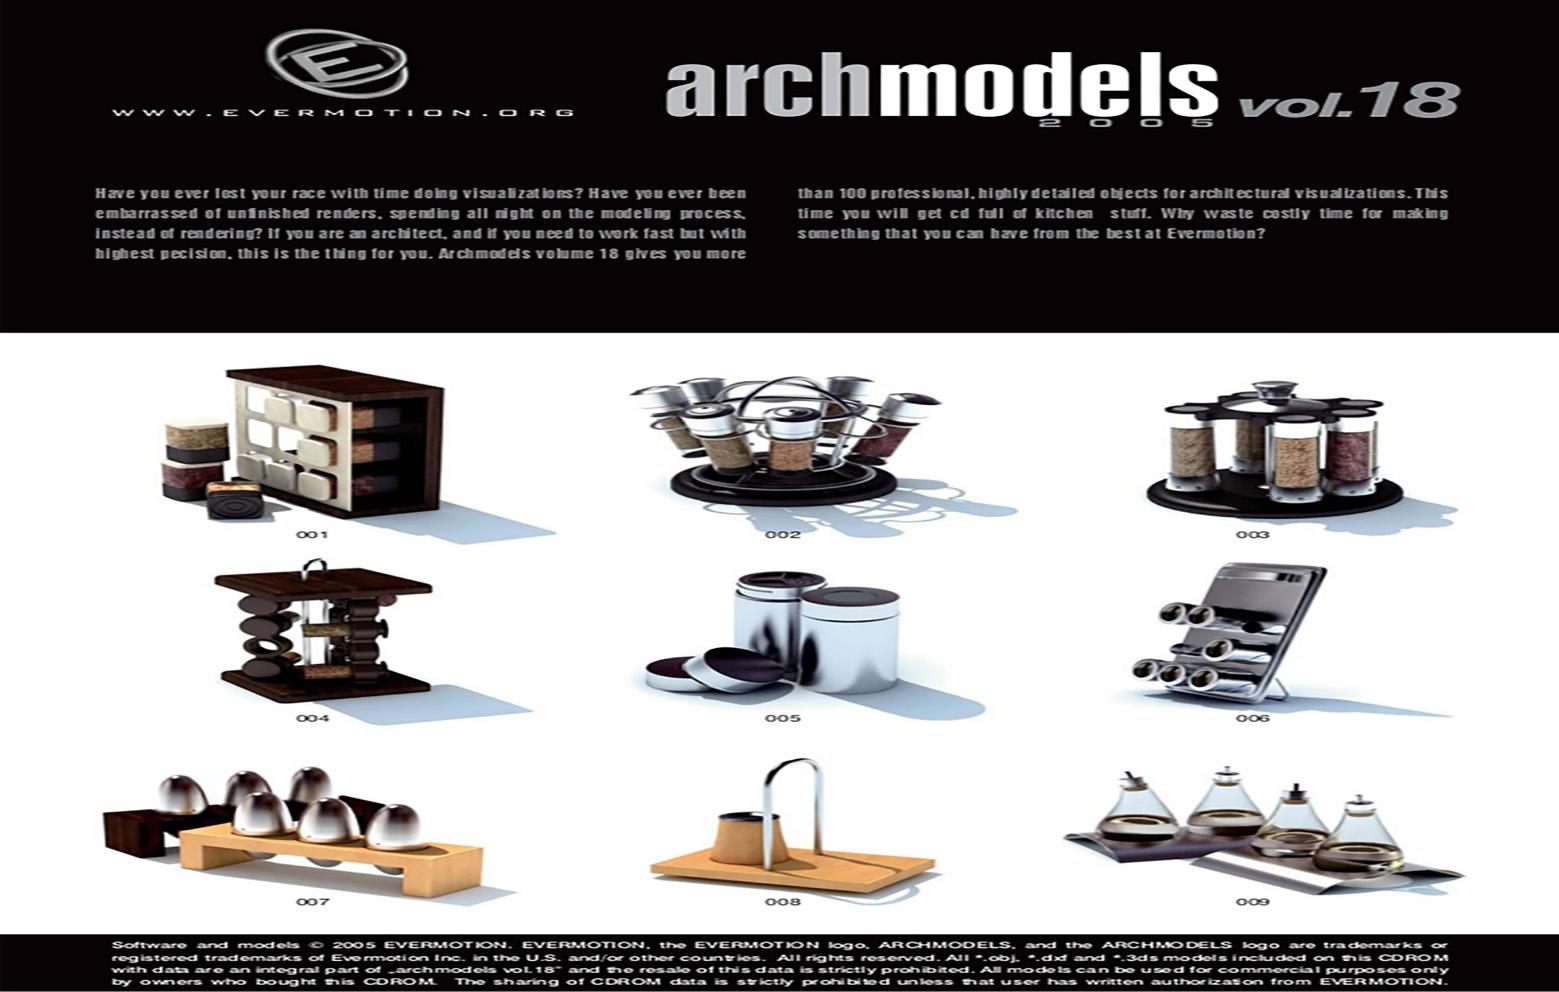 دانلود رایگان آرک مدل ولوم ARCHMODELS VOL.19